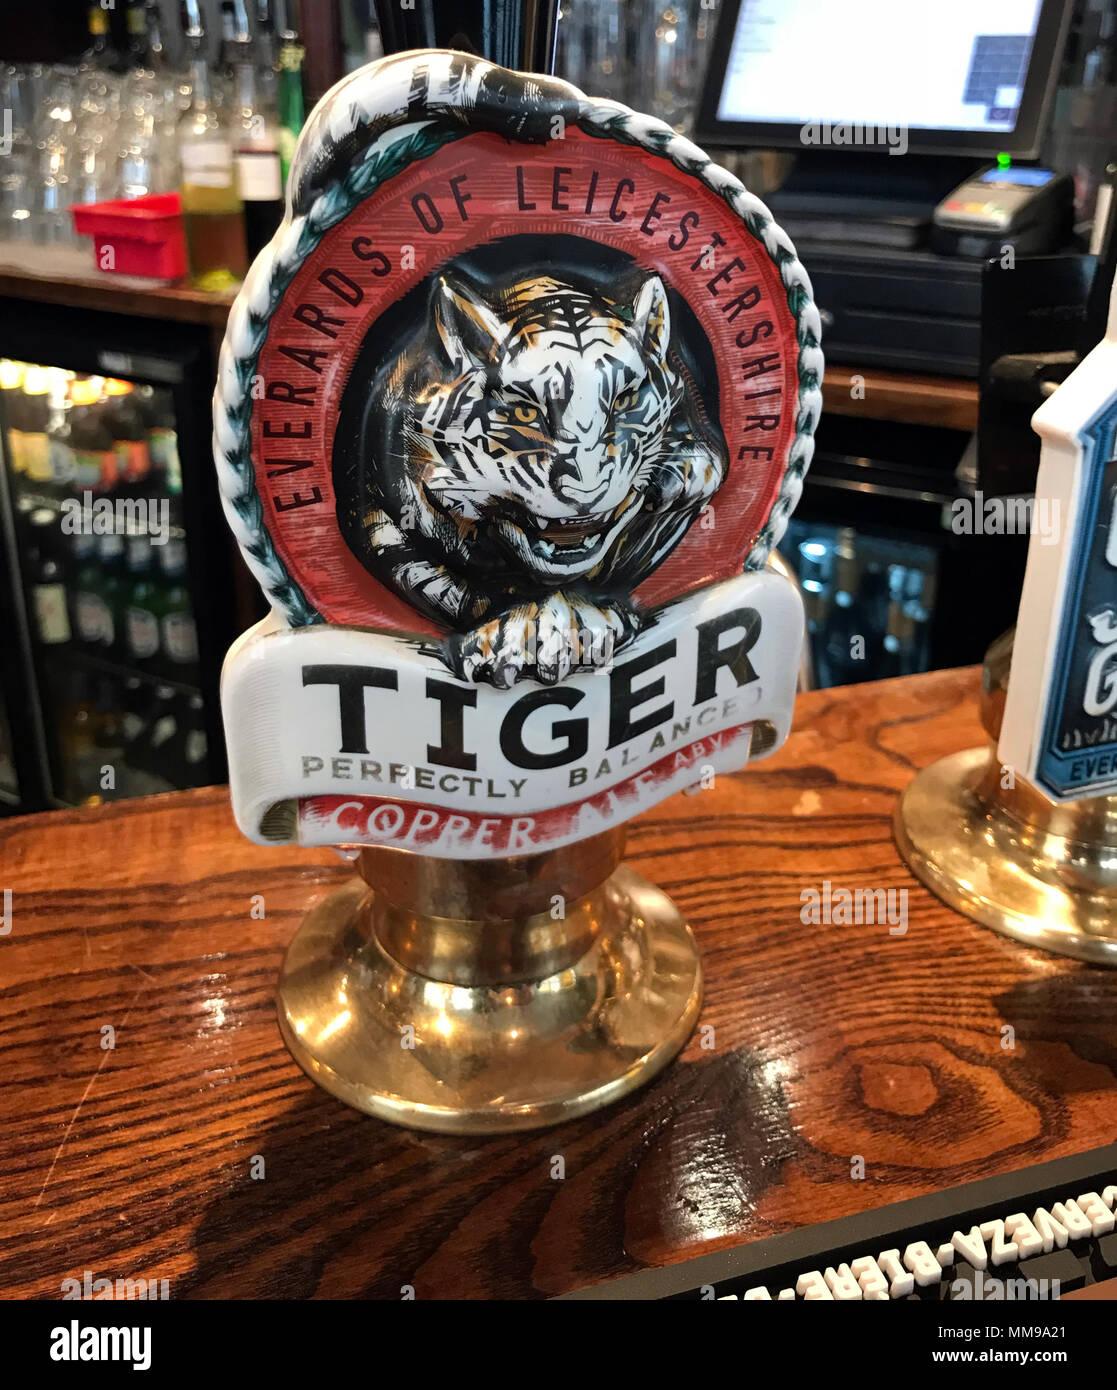 Laden Sie dieses Alamy Stockfoto Everards Tiger Beer Pumpen auf eine Bar, in einem traditionellen englischen Pub, England, Großbritannien - MM9A21